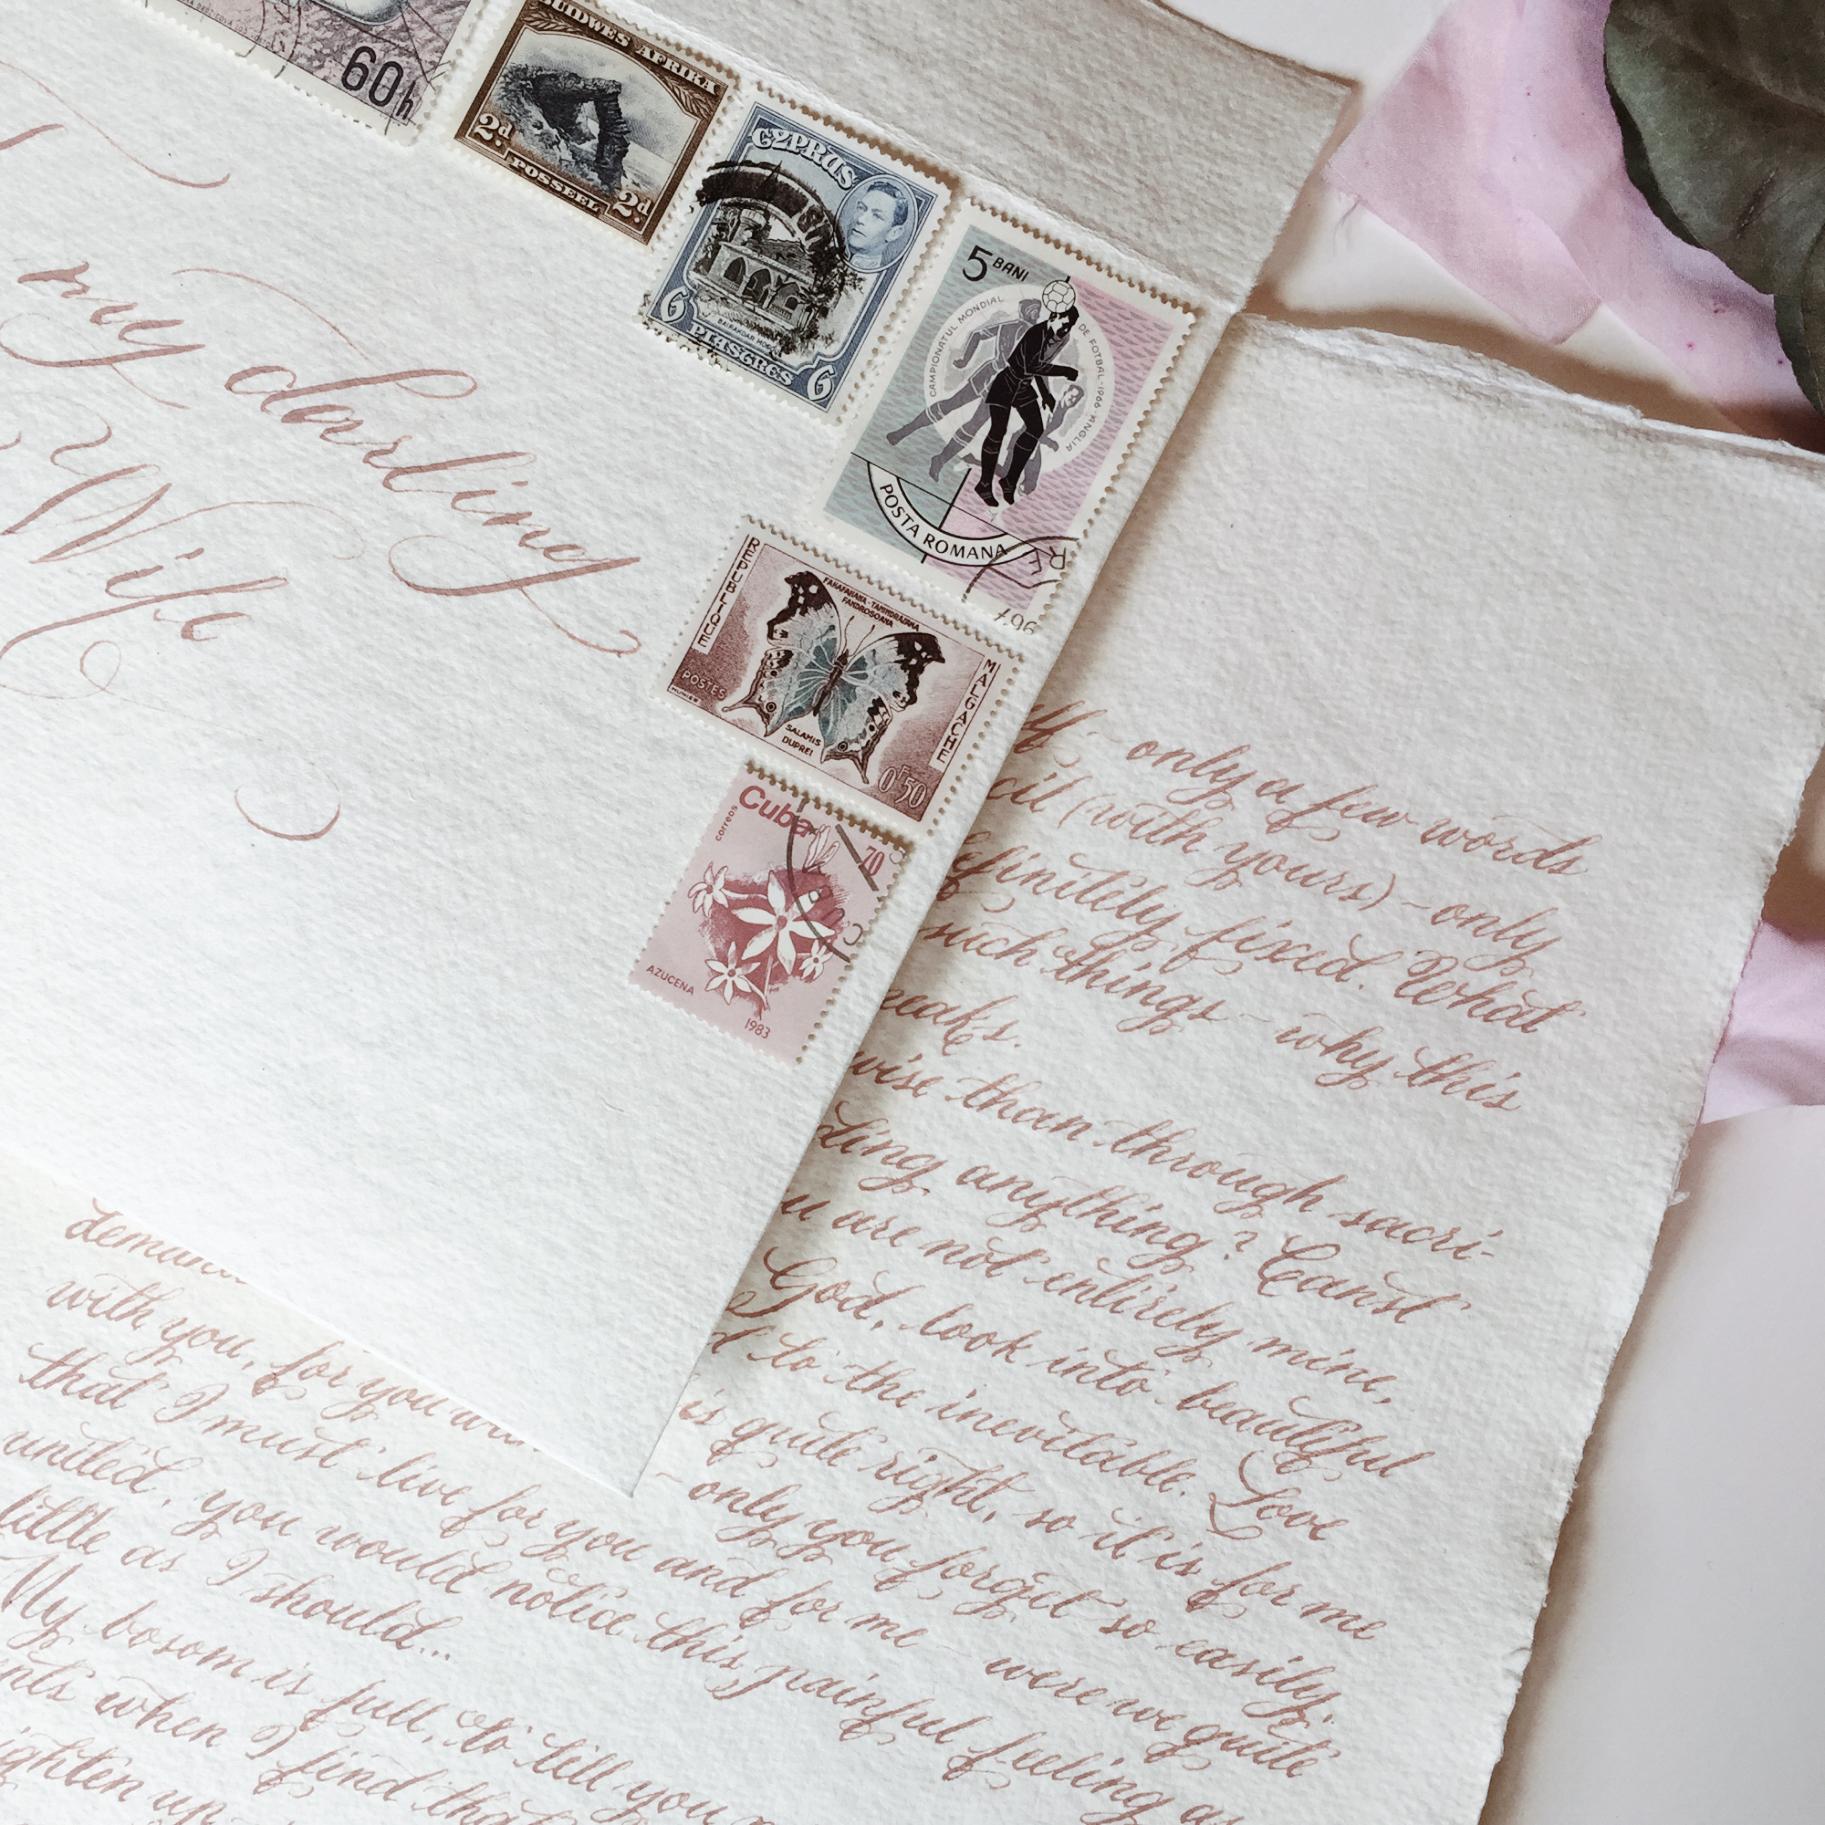 Handwritten love letter / dusty pink ink